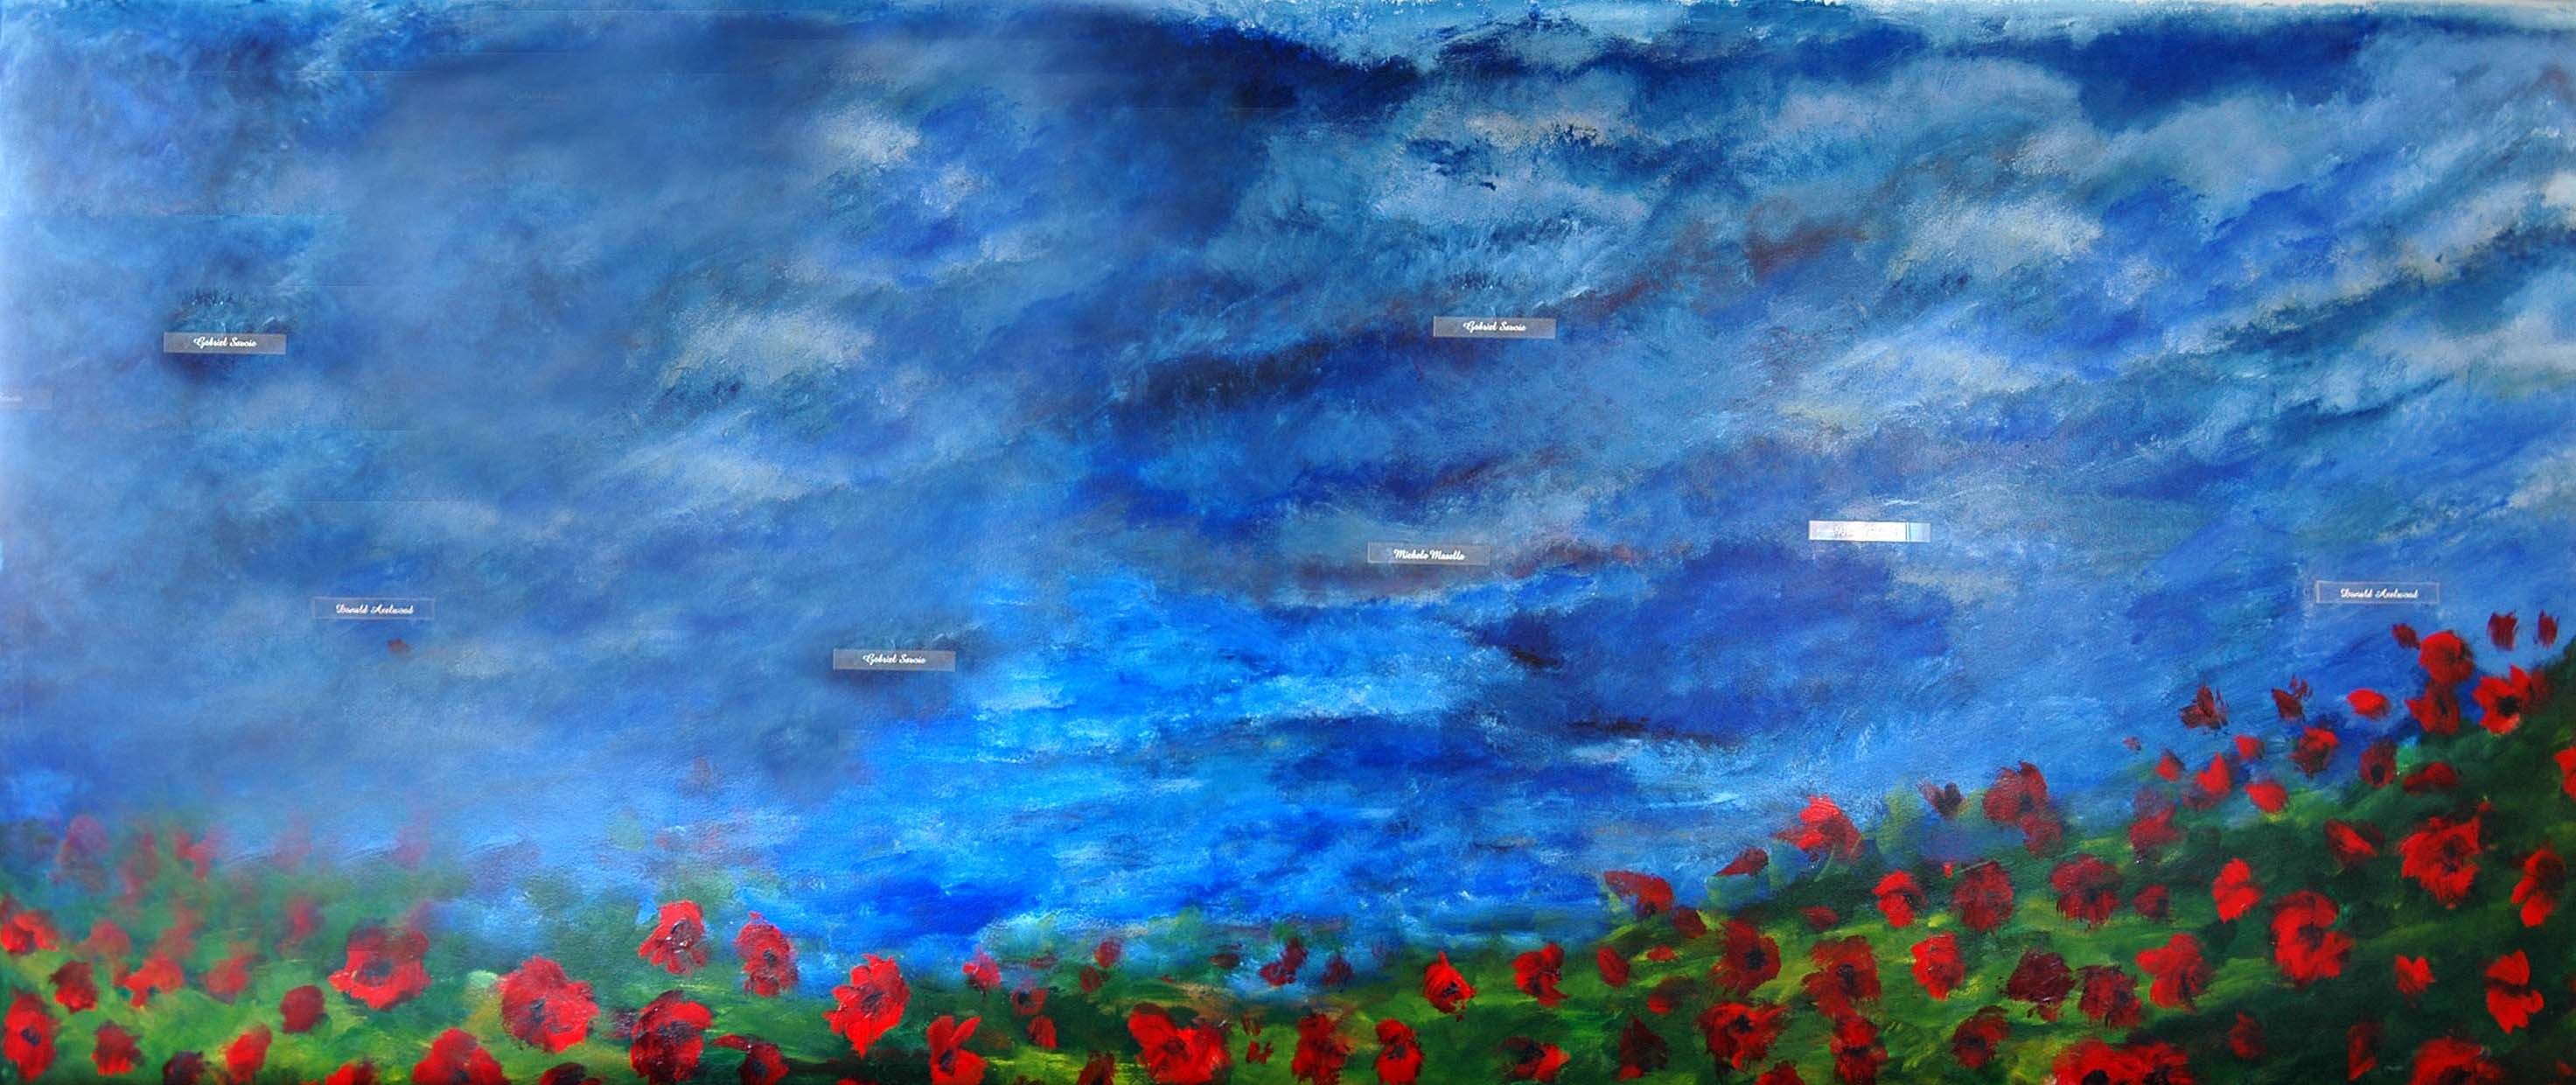 Wall - Dark blue panel - December 2011